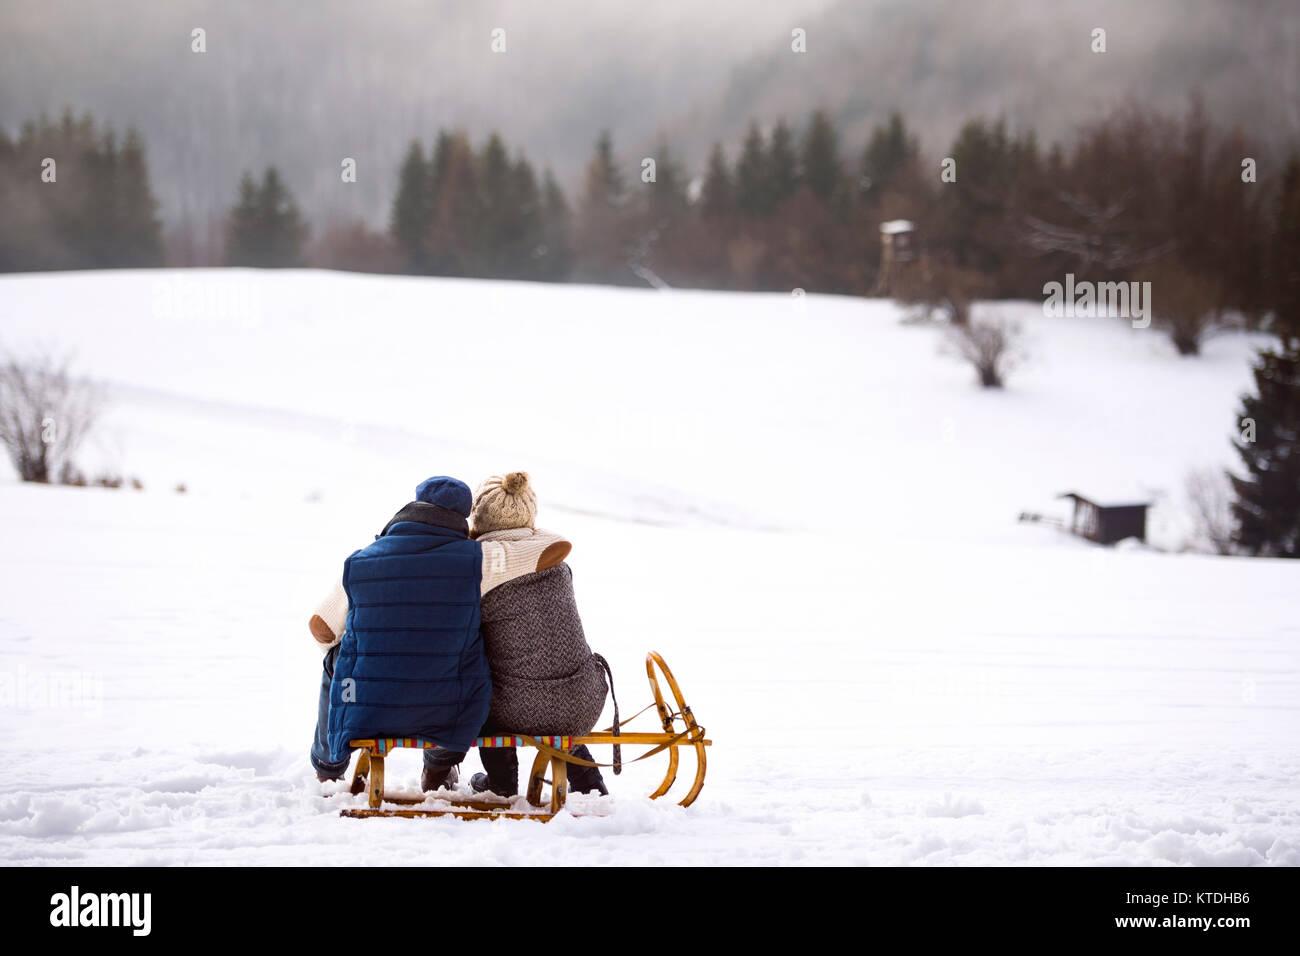 Vista posterior de las parejas ancianas sentados uno al lado del otro en trineo en paisajes cubiertos de nieve. Imagen De Stock